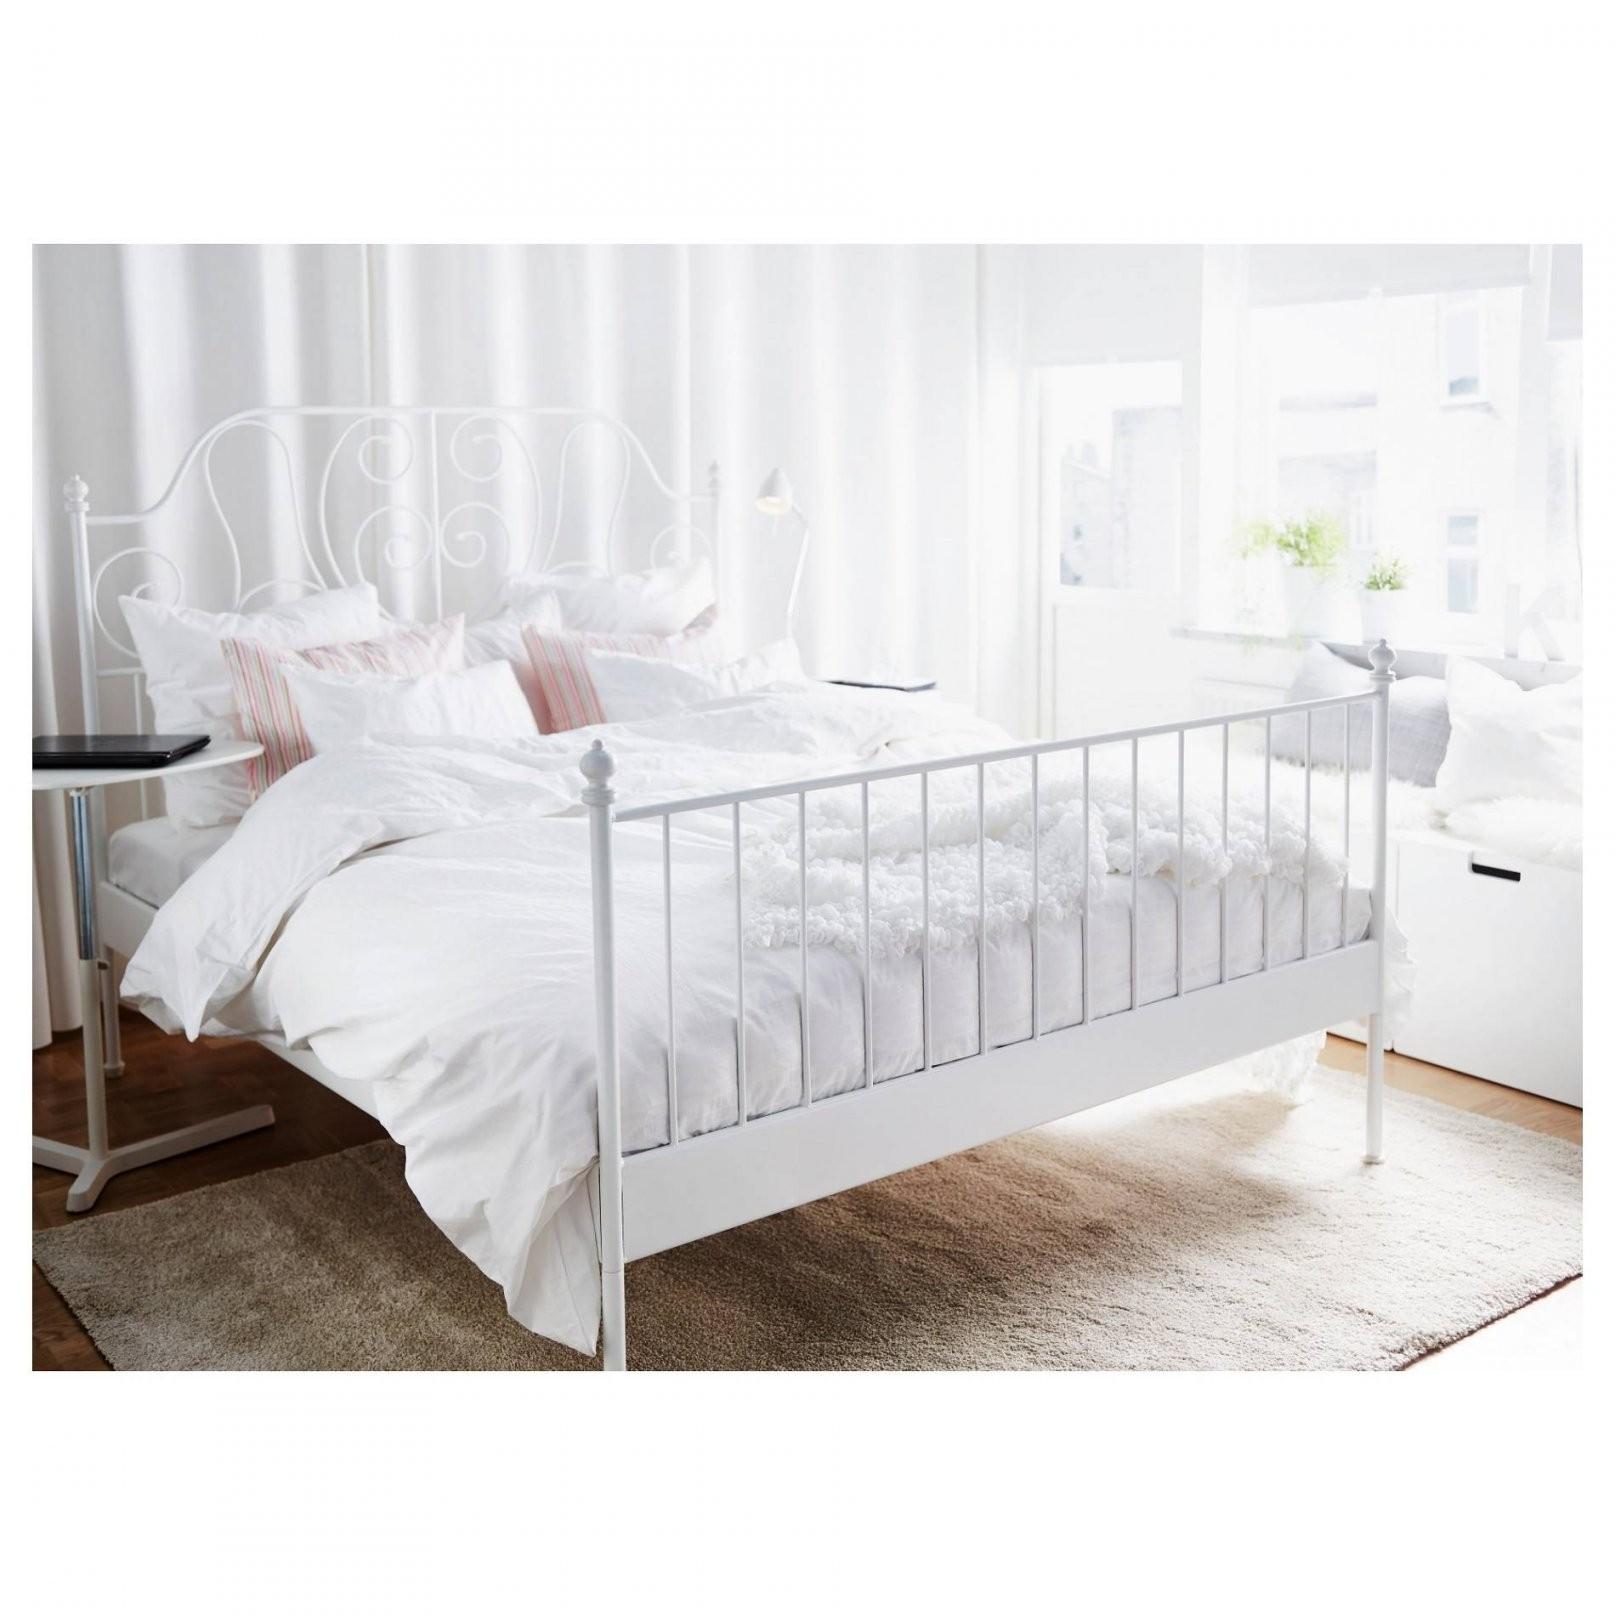 Matras Ikea 140×200 Best Ikea Betten 120×200 Luxus Beliebt Ikea Malm von Ikea Bett Malm 140X200 Weiß Photo